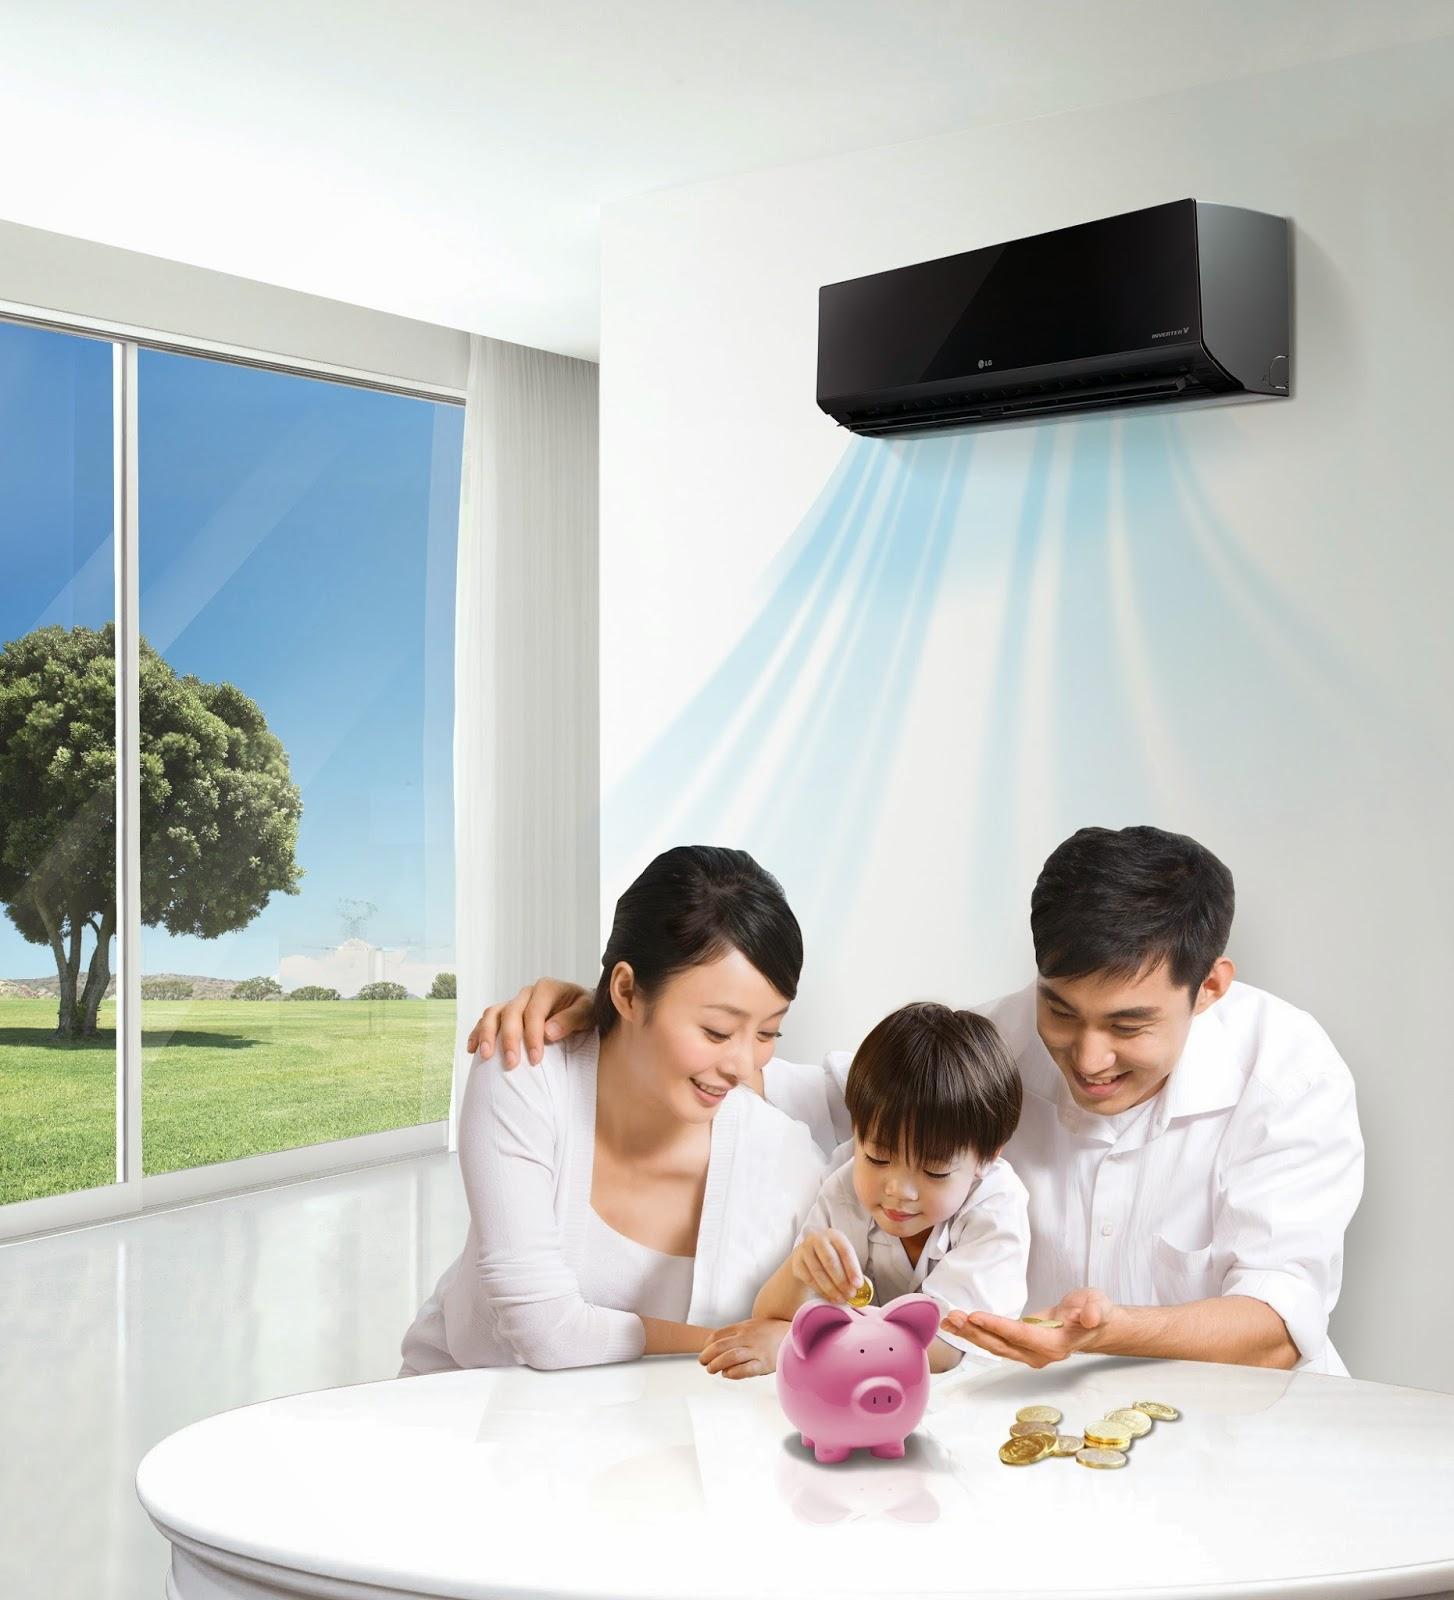 Mua điều hòa loại nào tiết kiệm điện